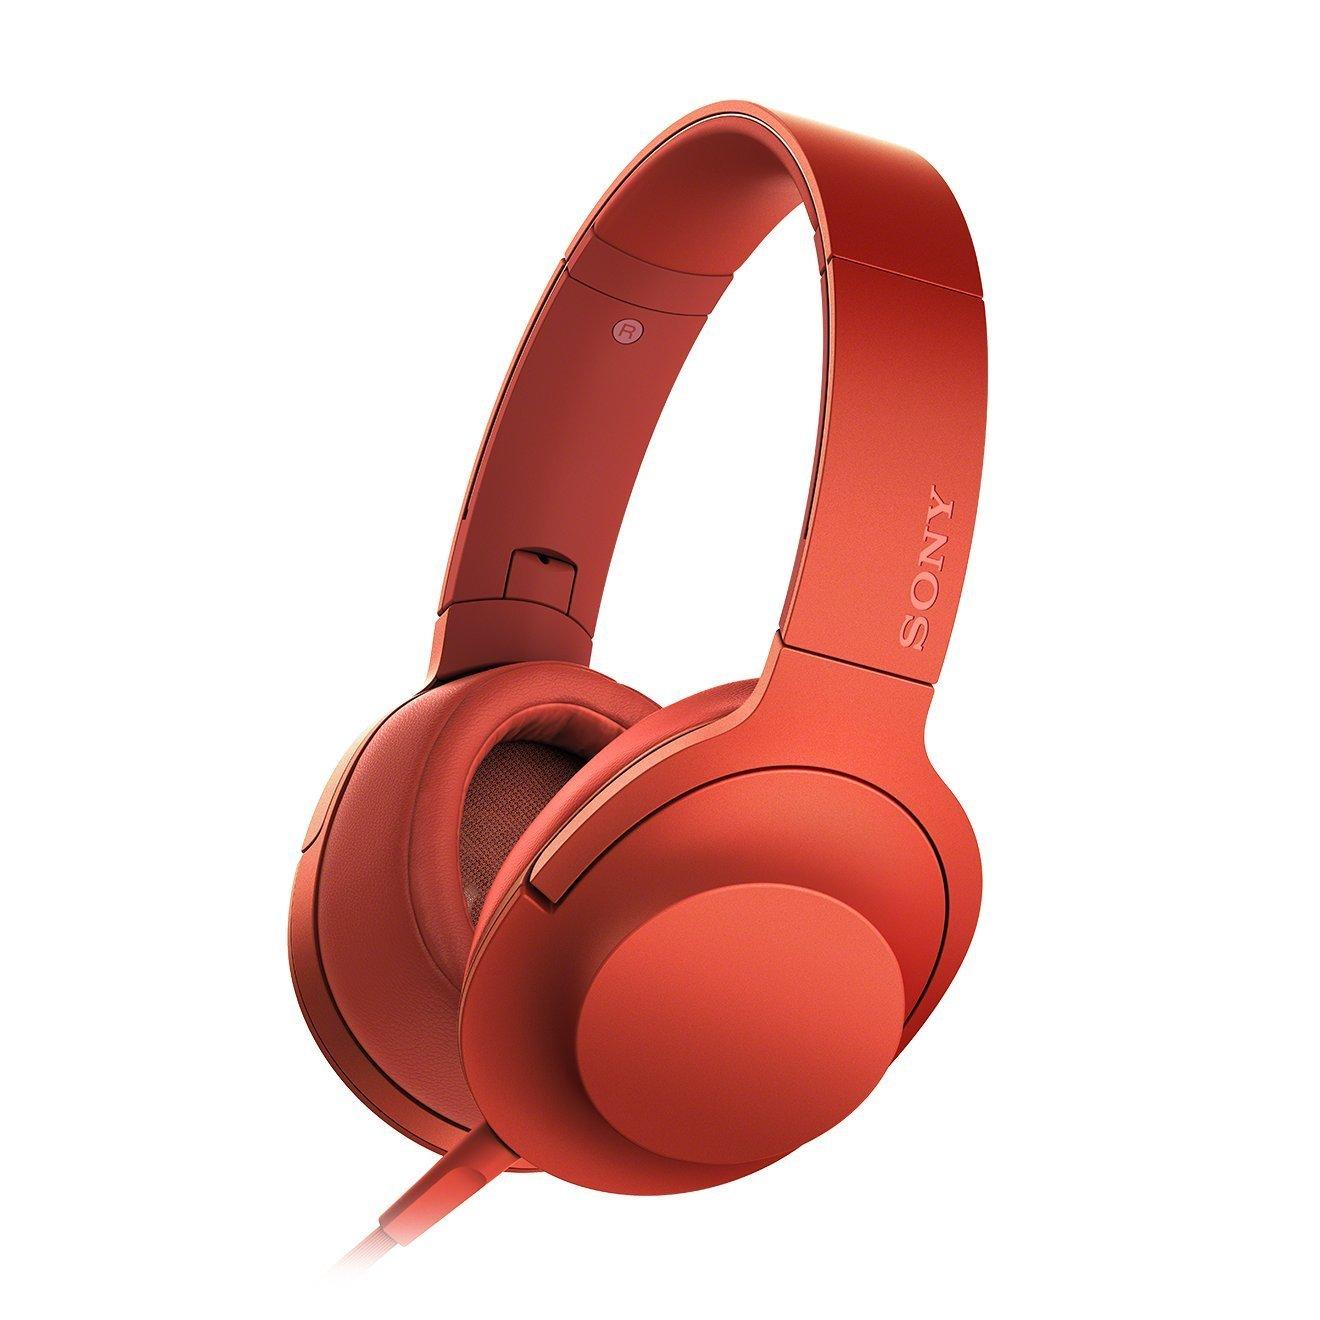 Гарнитура Sony MDR-100AAP RedНаушники и гарнитуры<br><br><br>Тип: гарнитура<br>Тип подключения: Проводные<br>Номинальная мощность мВт: 103<br>Диапазон воспроизводимых частот, Гц: 5–60 000<br>Сопротивление, Импеданс: 24 ом<br>Чувствительность дБ: 103<br>Микрофон: есть